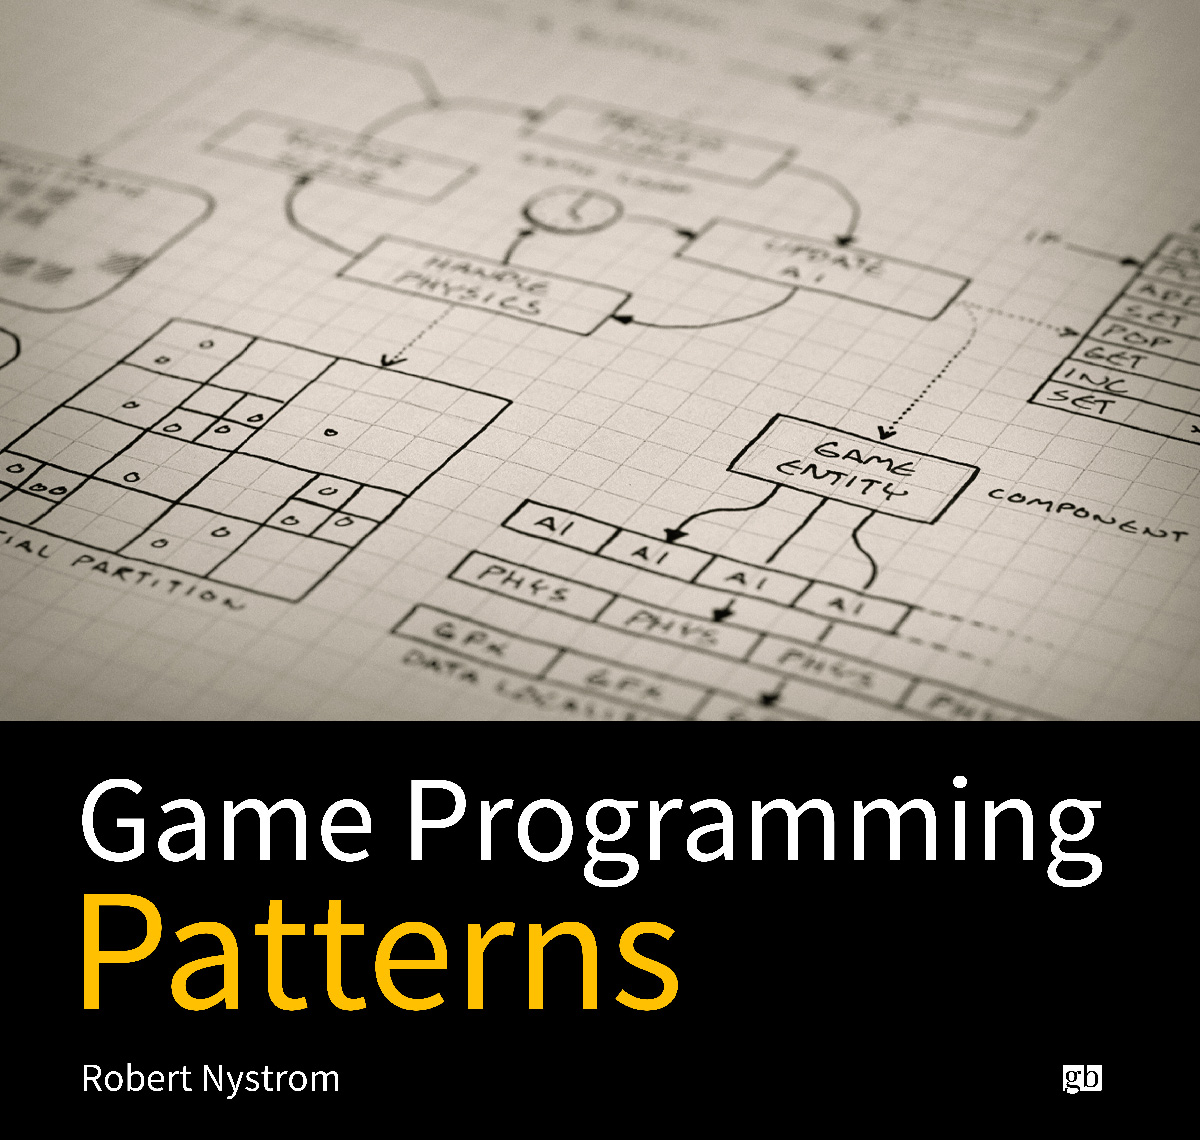 game programming patterns robert nystrom pdf